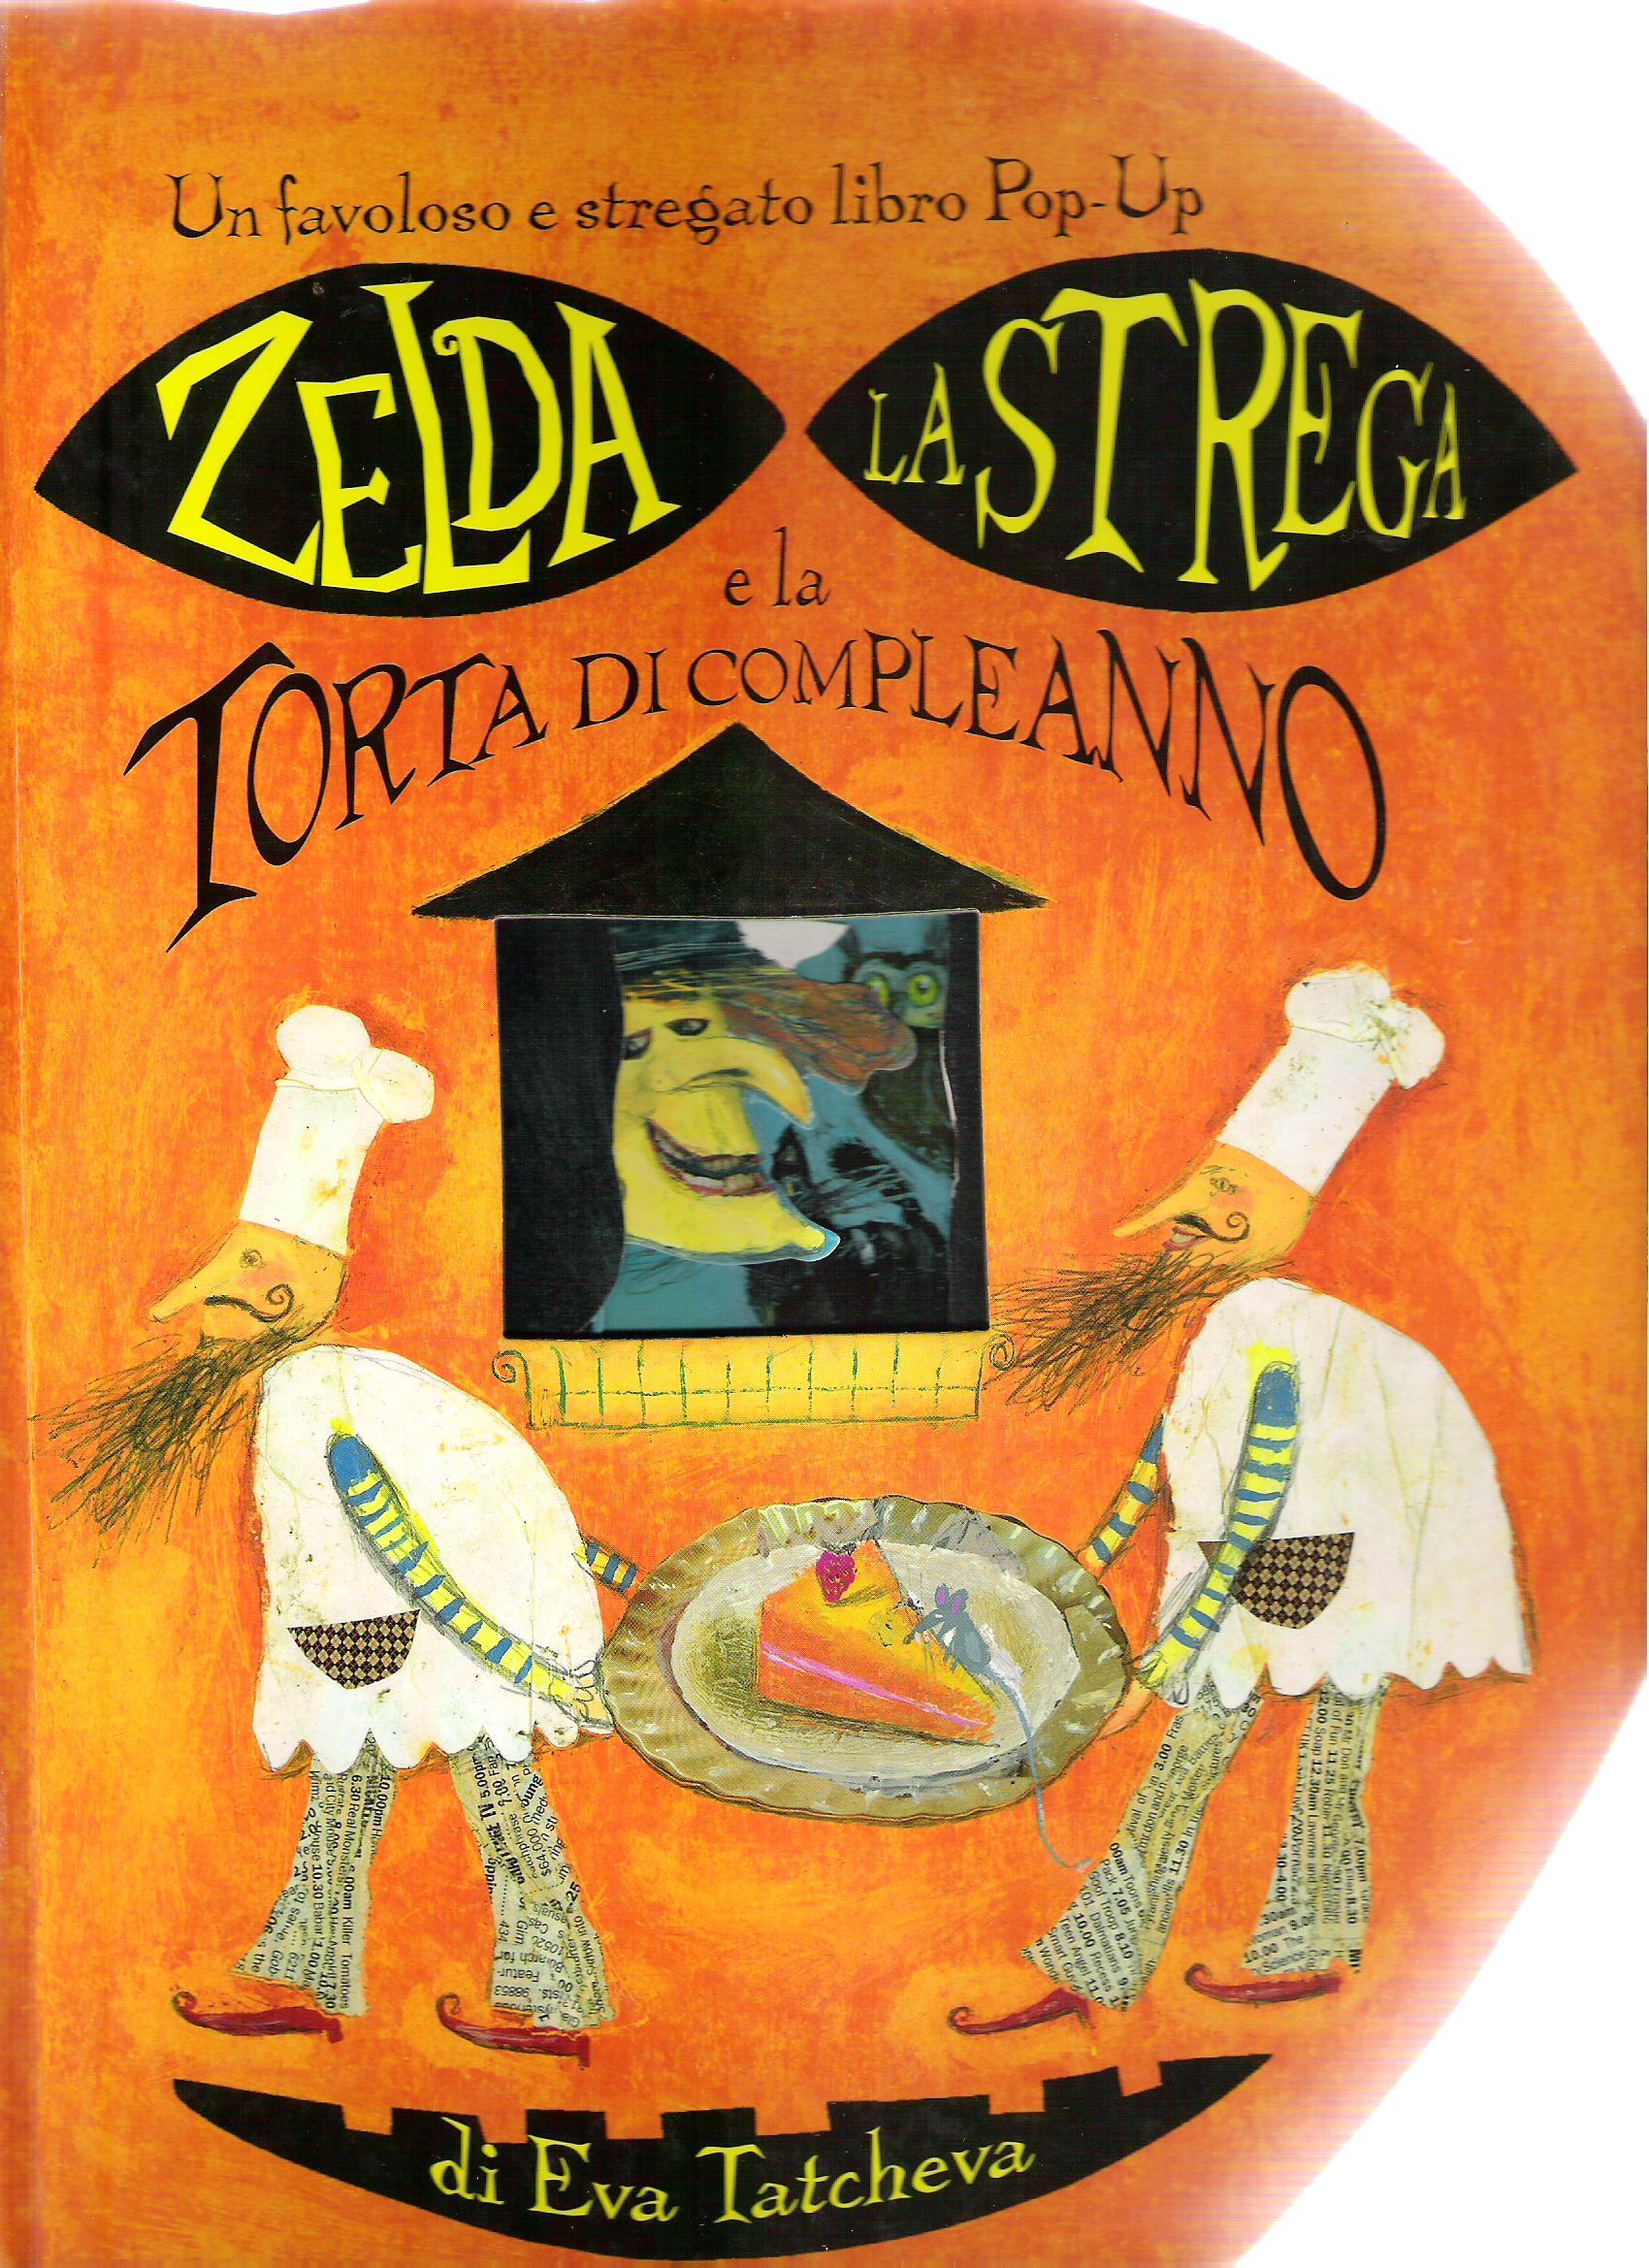 Zelda la strega e la torta di compleanno